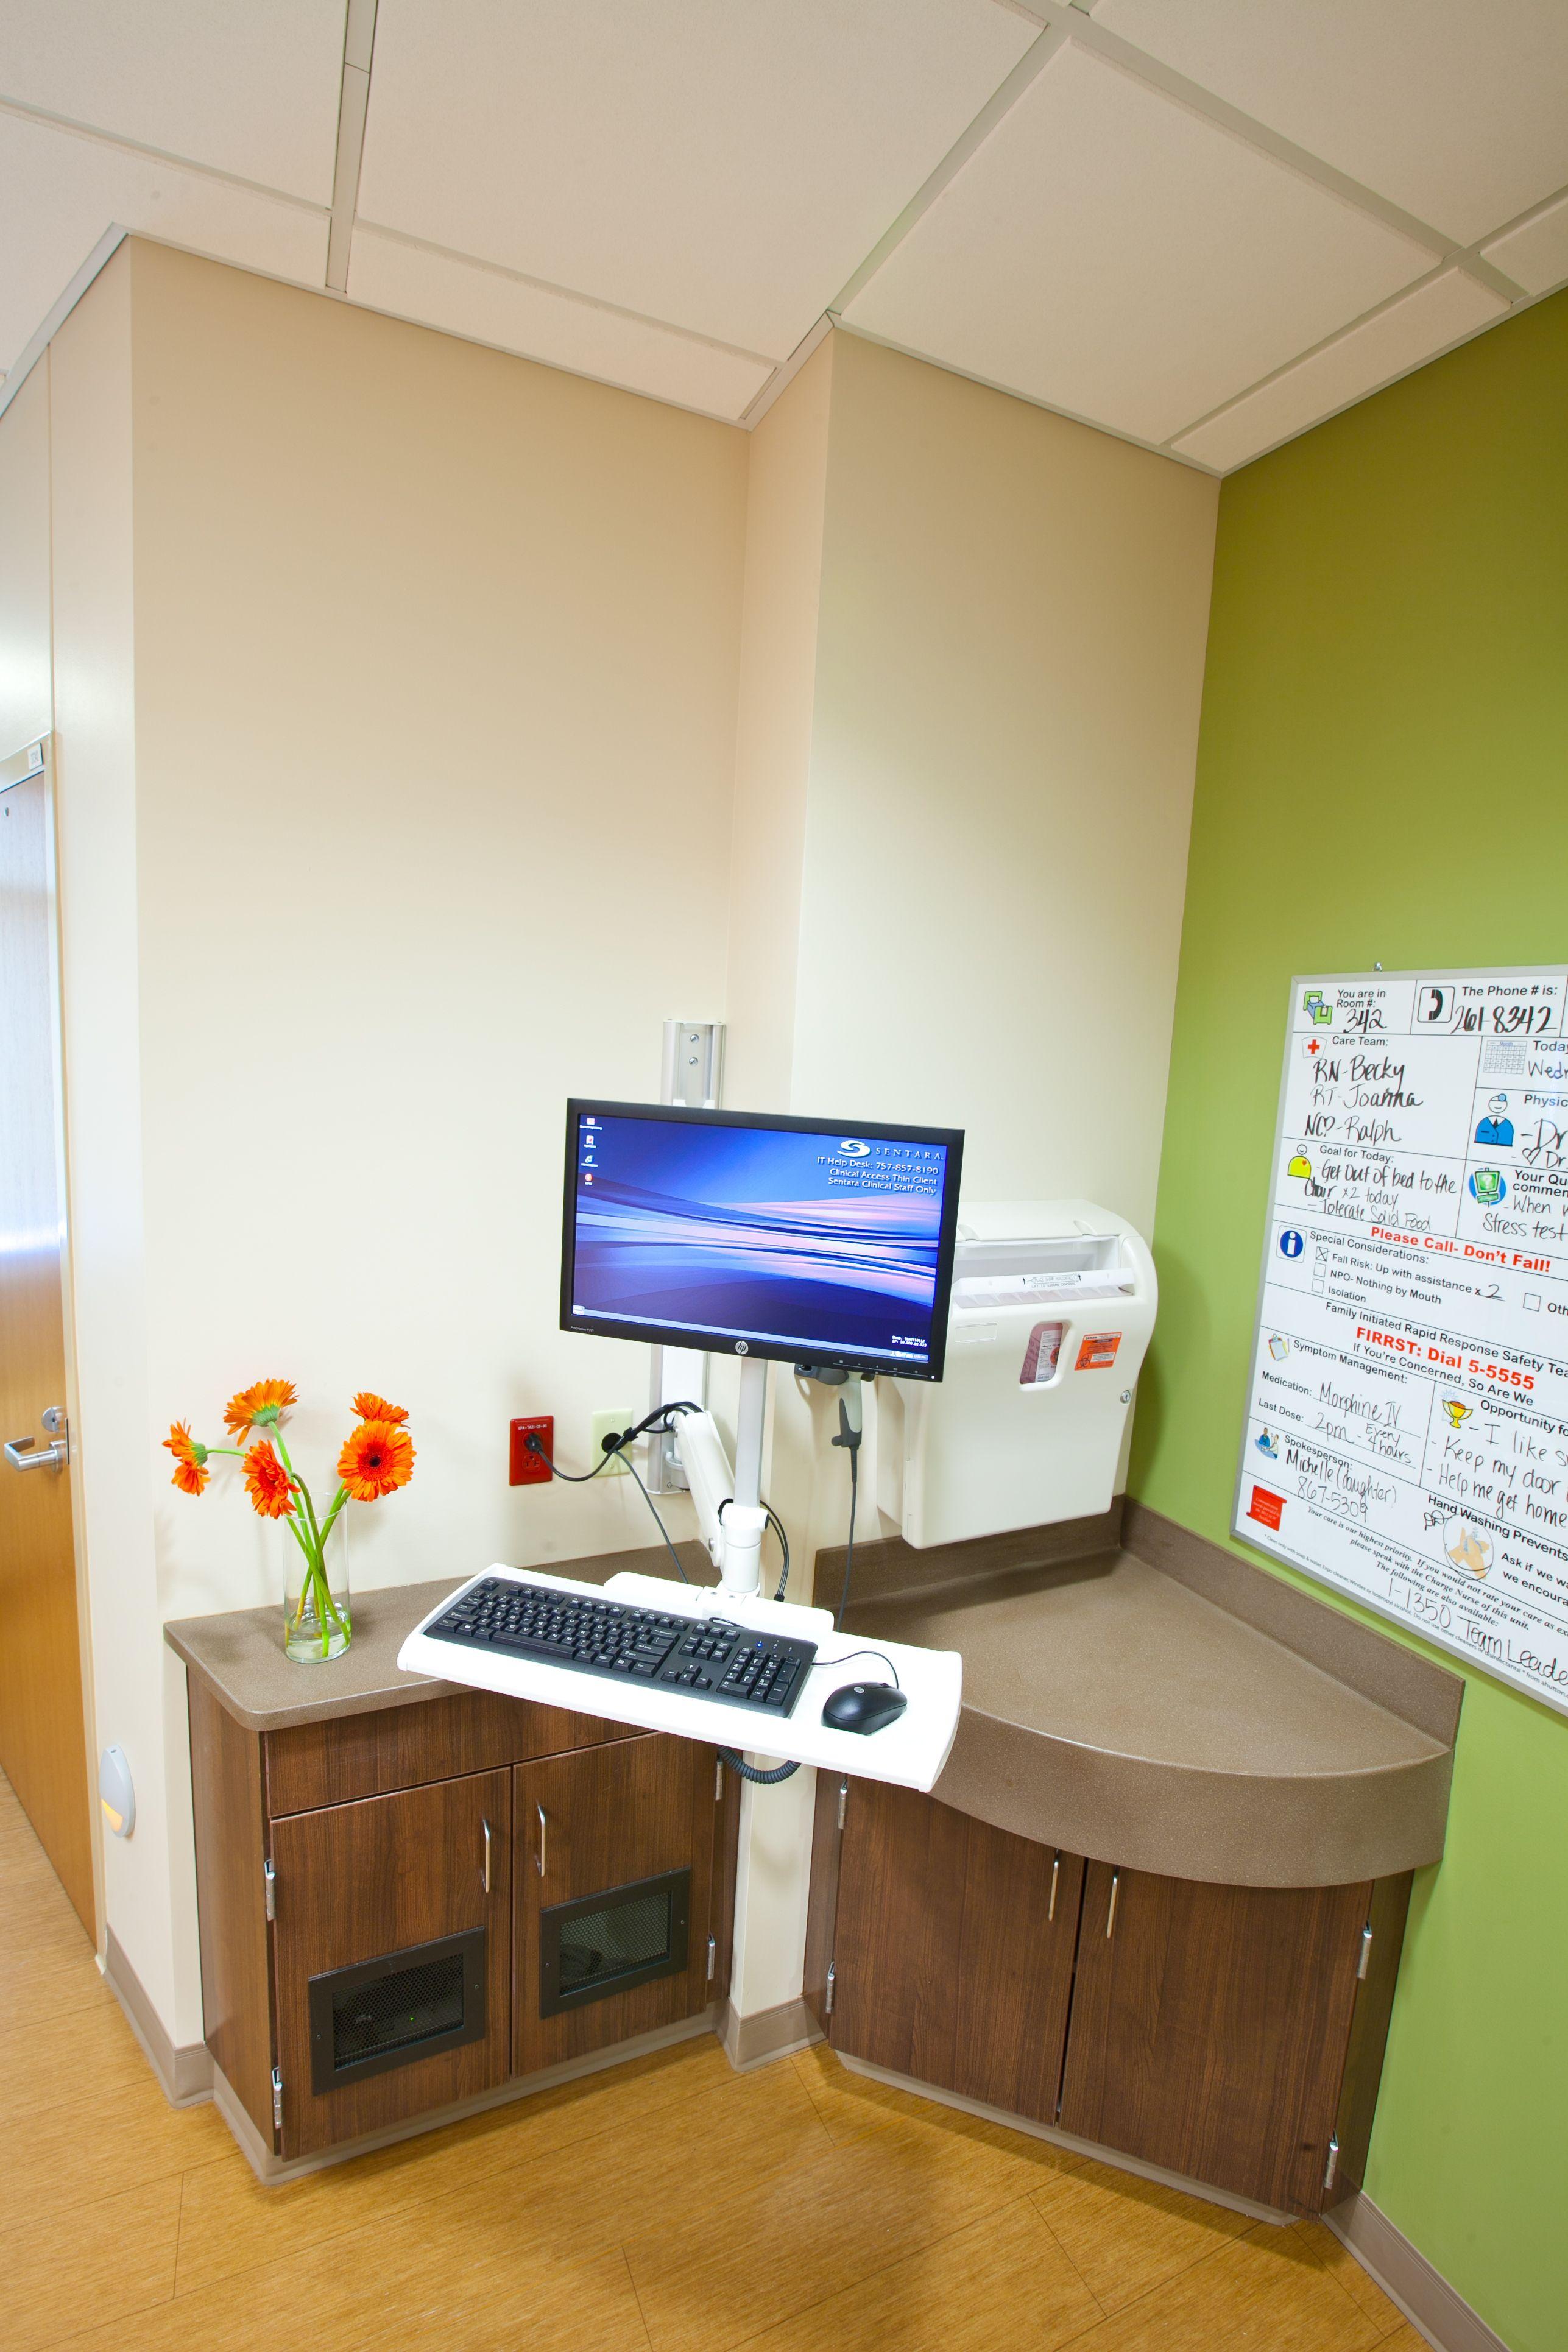 Patient Room Design: ICU Sentara Leigh, Norfolk, VA. Patient Room Features